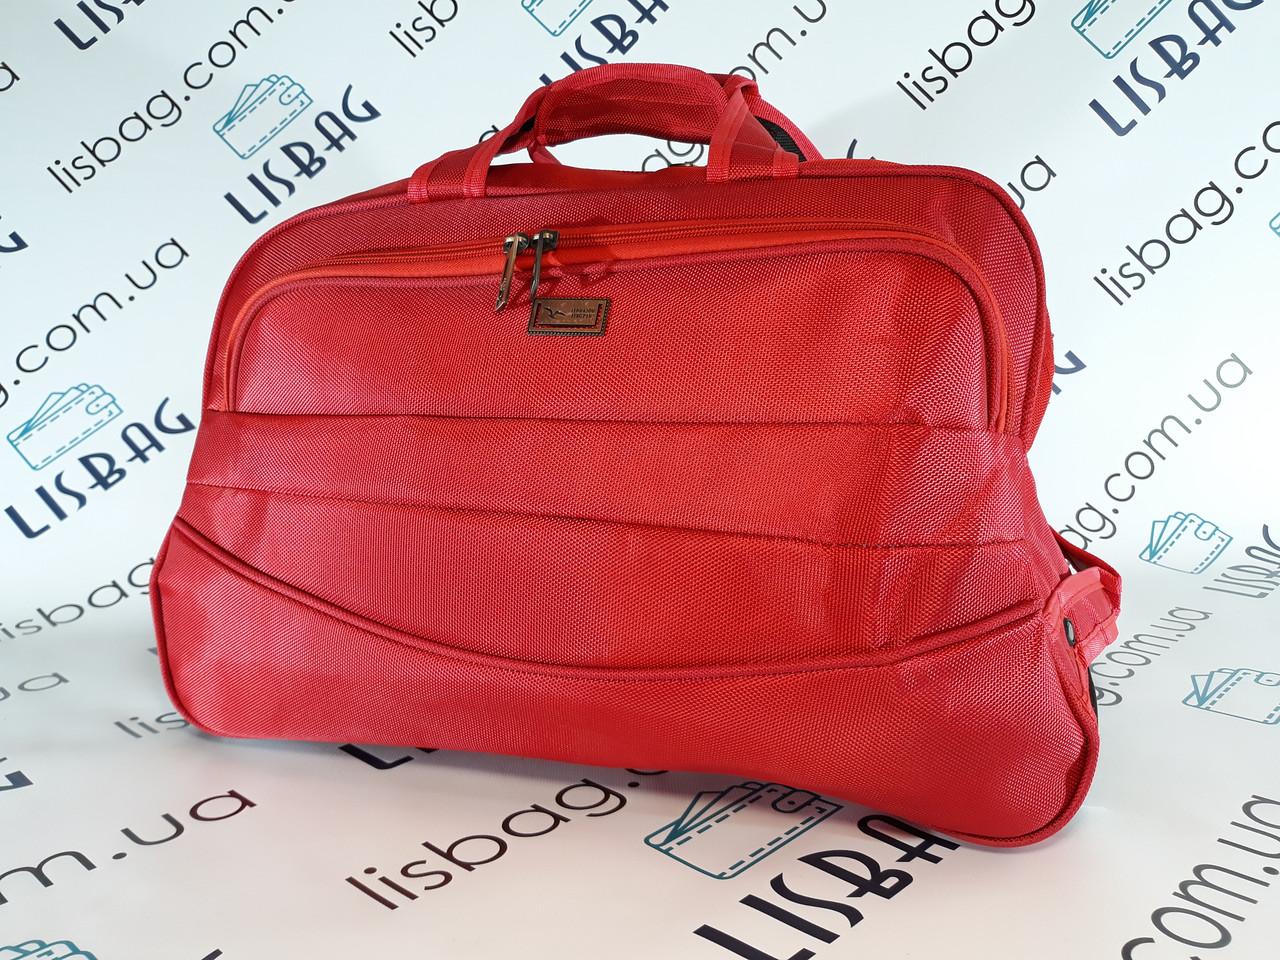 1684f17a2aad Сумка на колесах Большая XL (75л) красная (66*33*34) чемодан ...